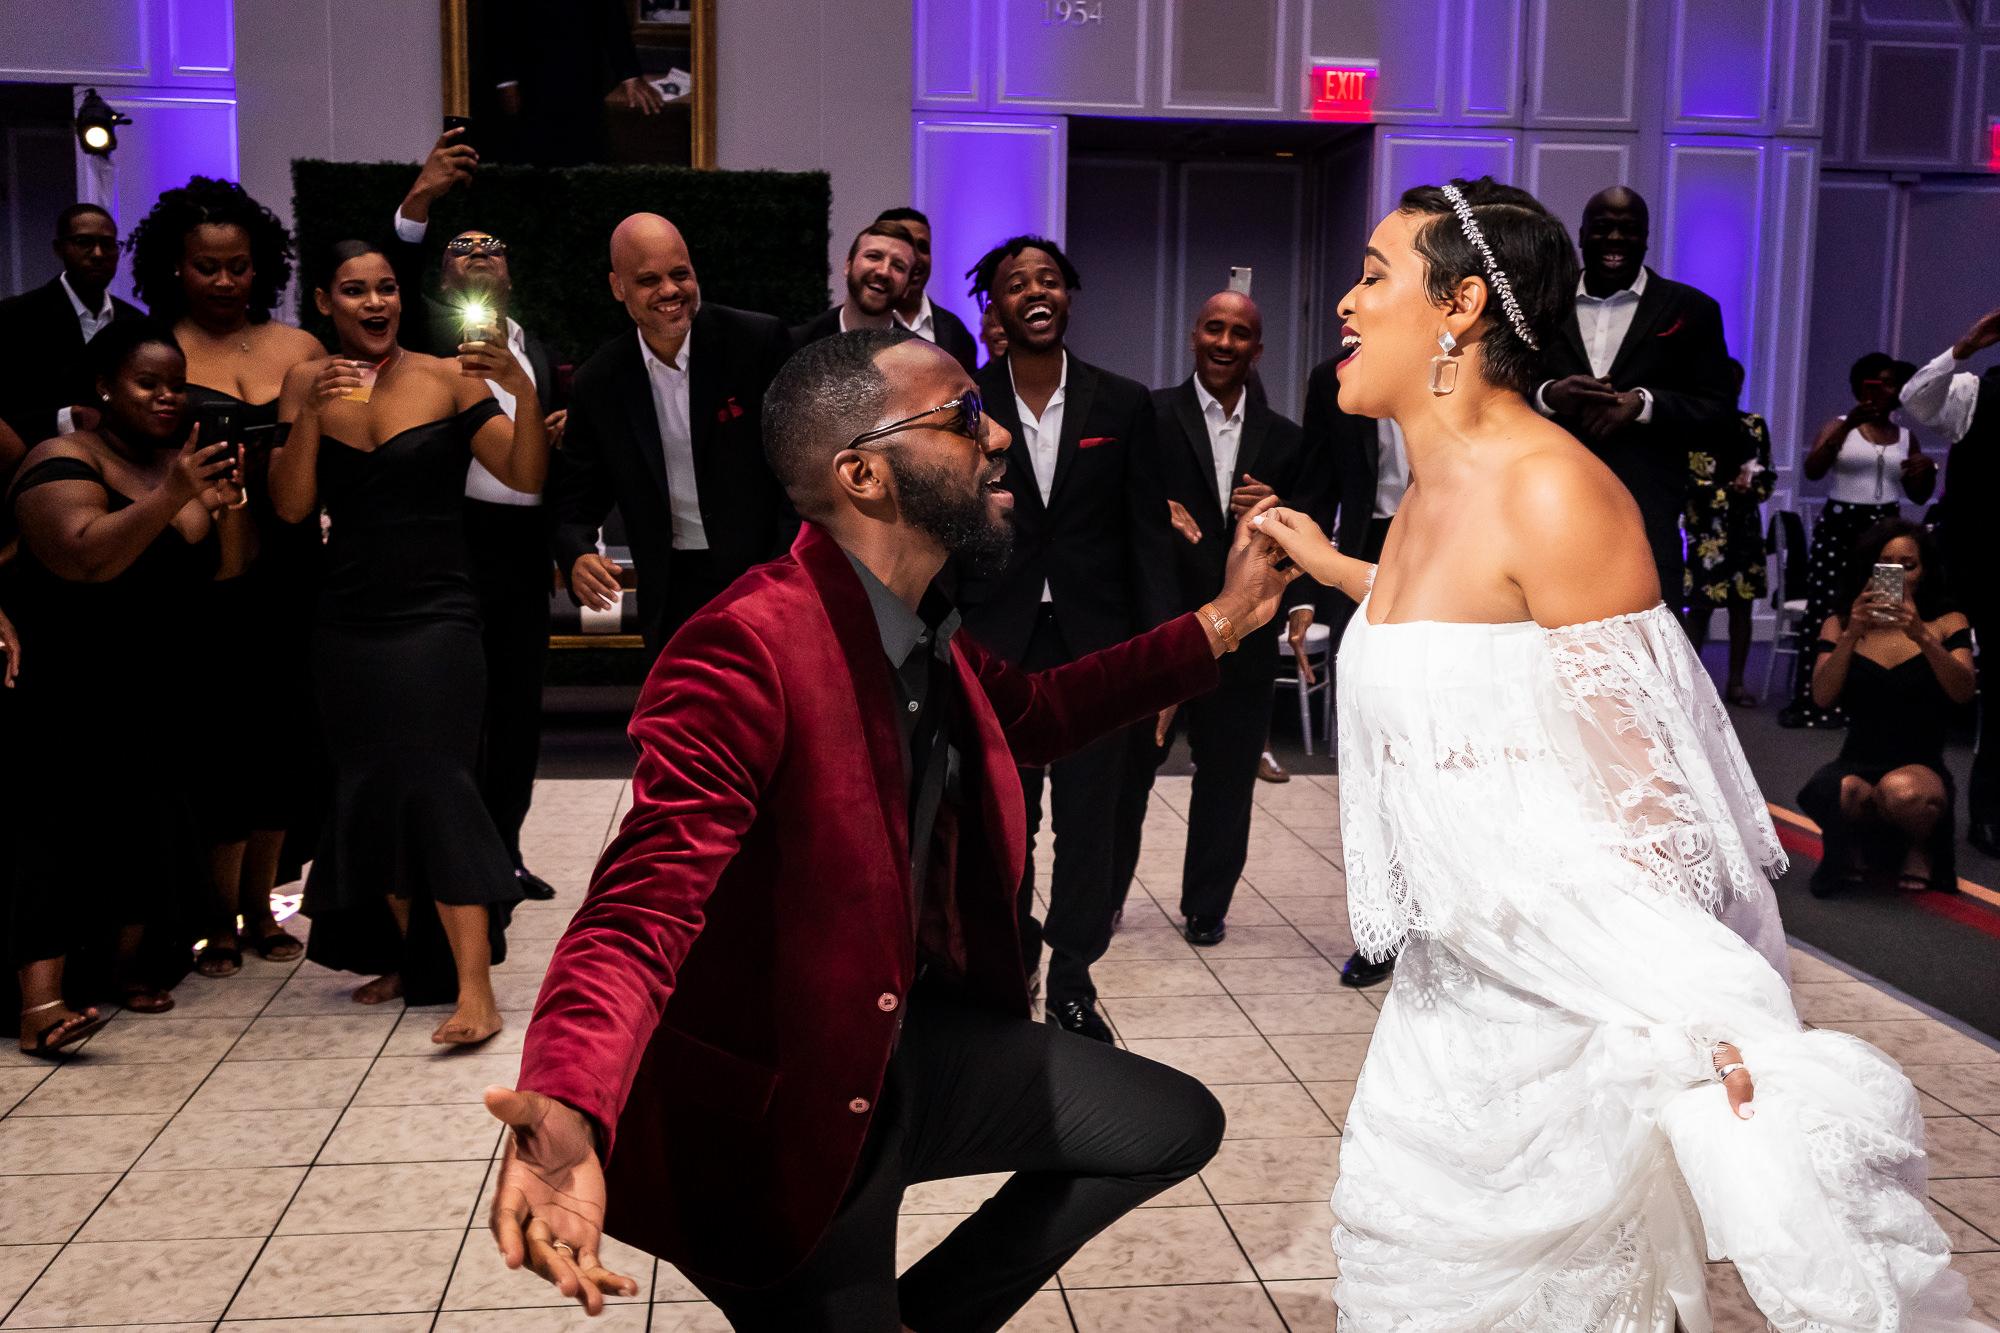 052-052-christopher-jason-studios-university-of-maryland-wedding-raheem-Devaughn-african-american-bride-and-groom.jpg